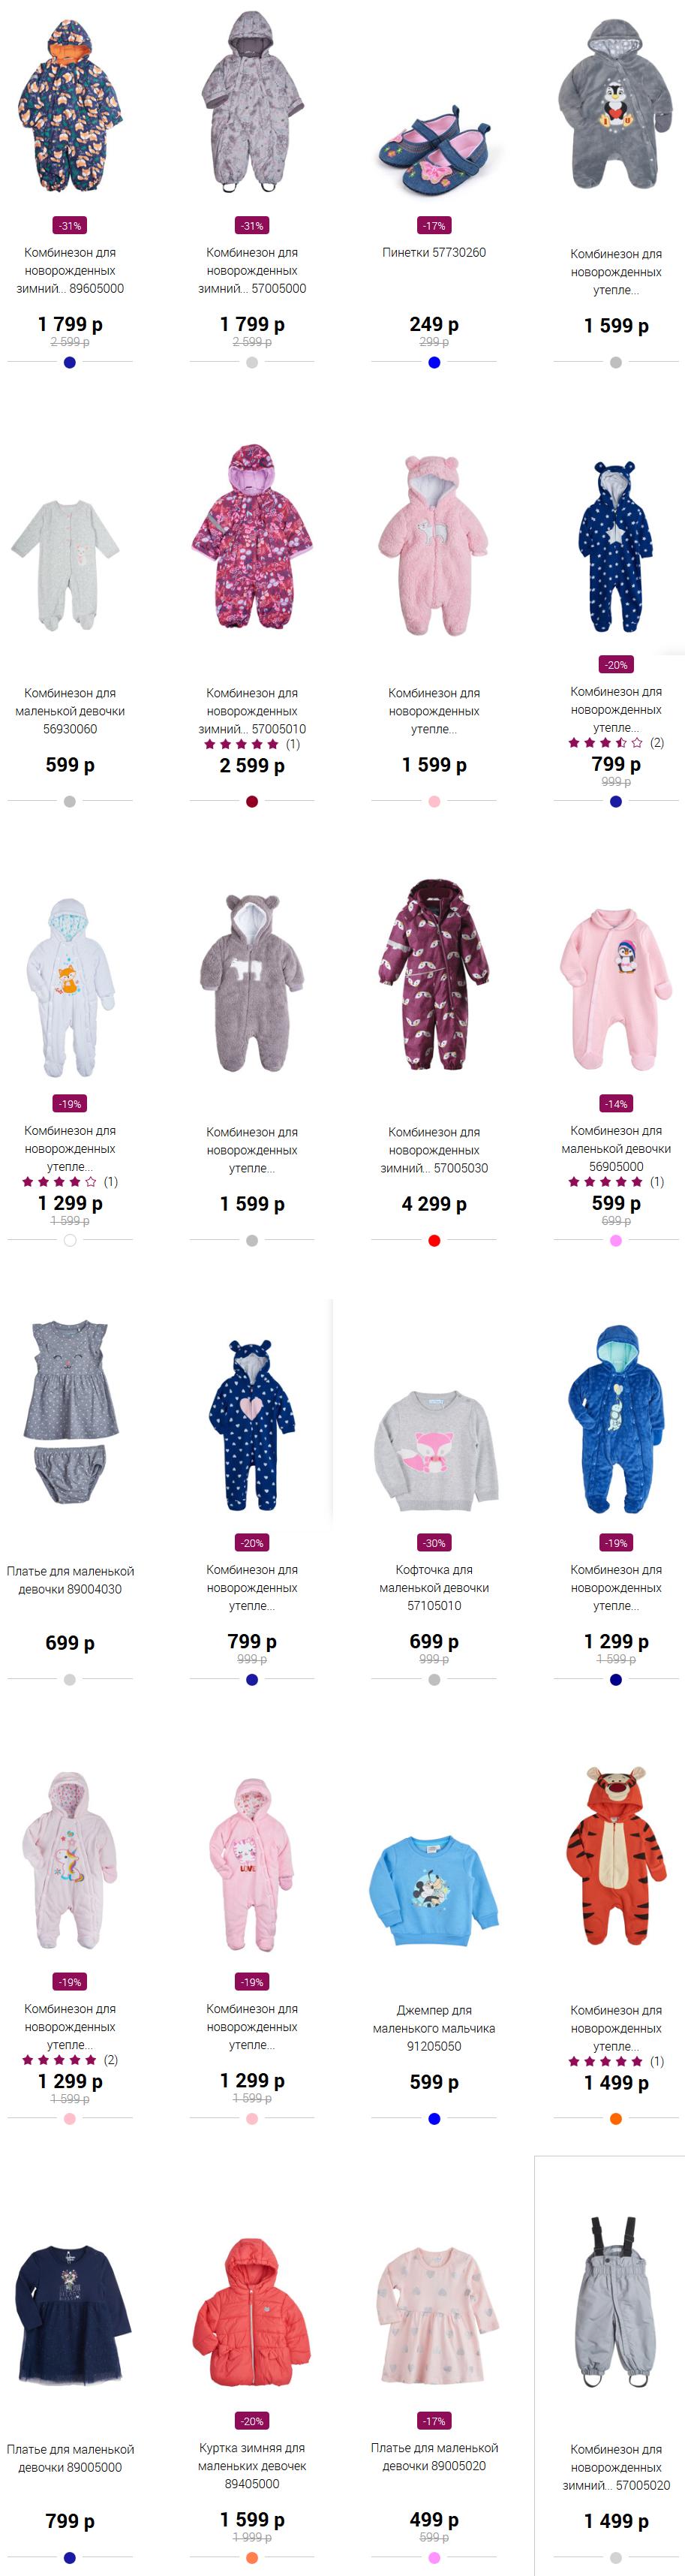 Одежда для младенцев магазина Kari